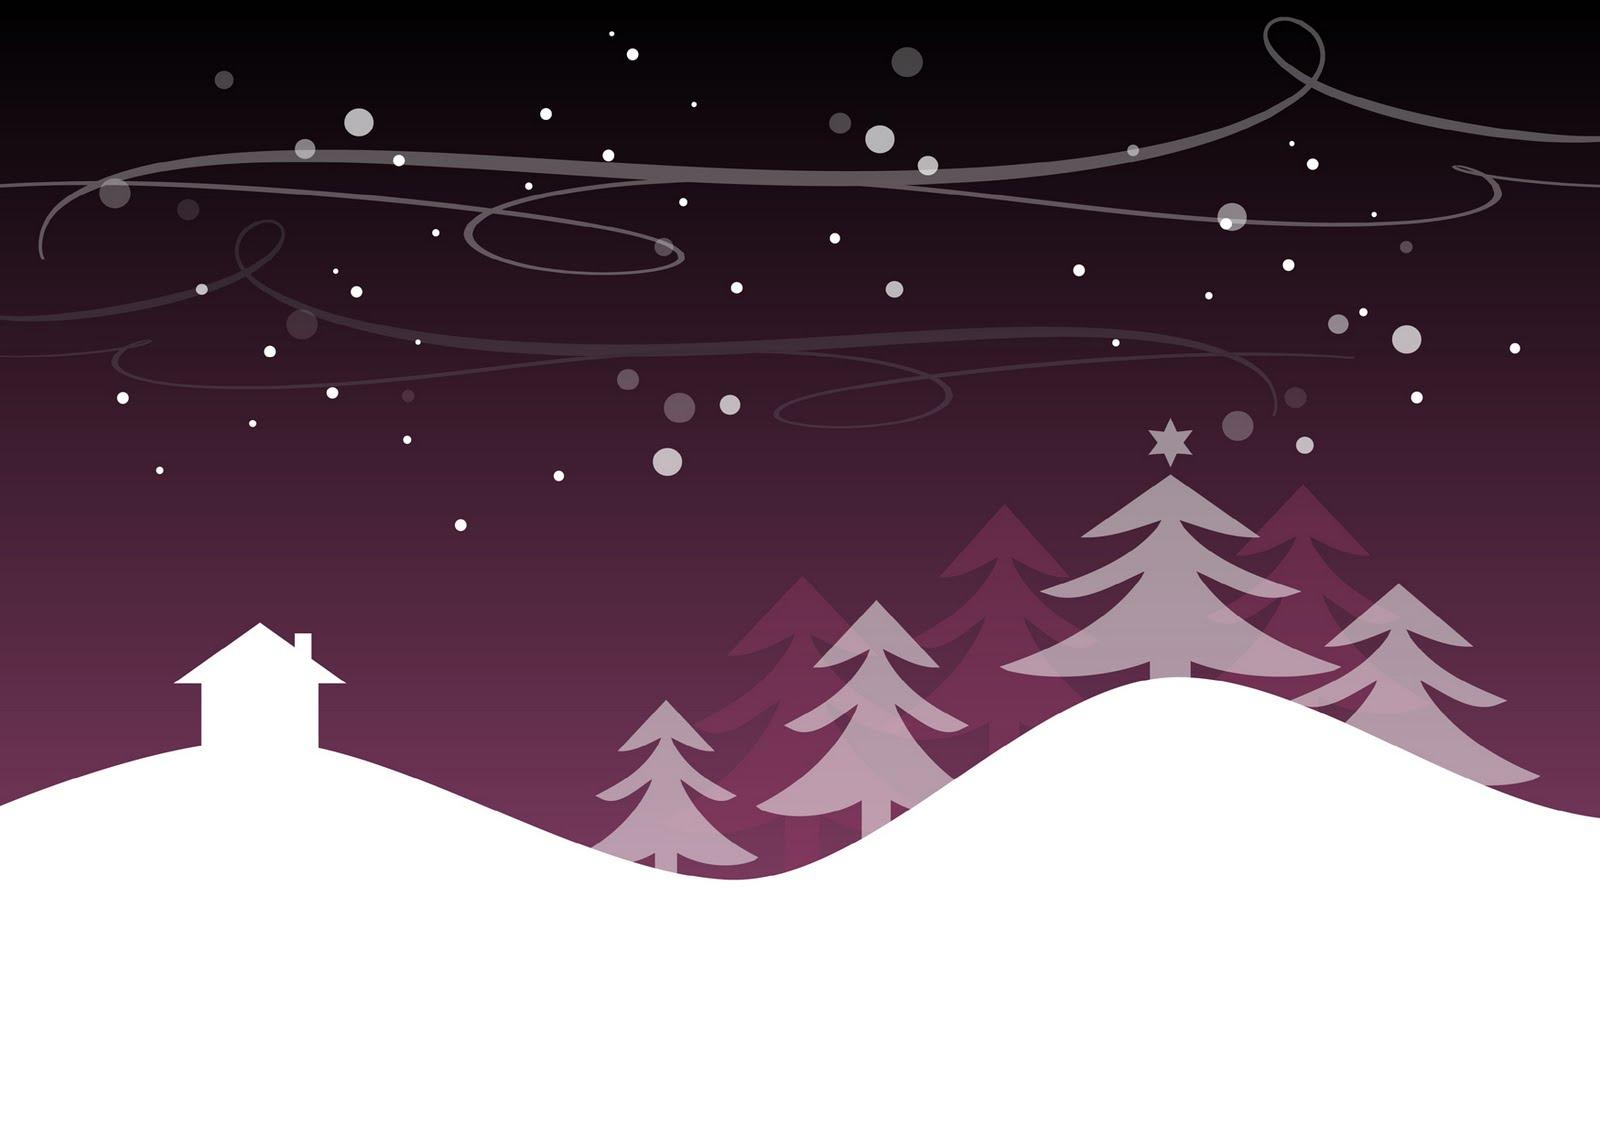 Kostenlose Weihnachtskarte (Download) - Die Persönliche Note über Weihnachtskarten Kostenlos Download